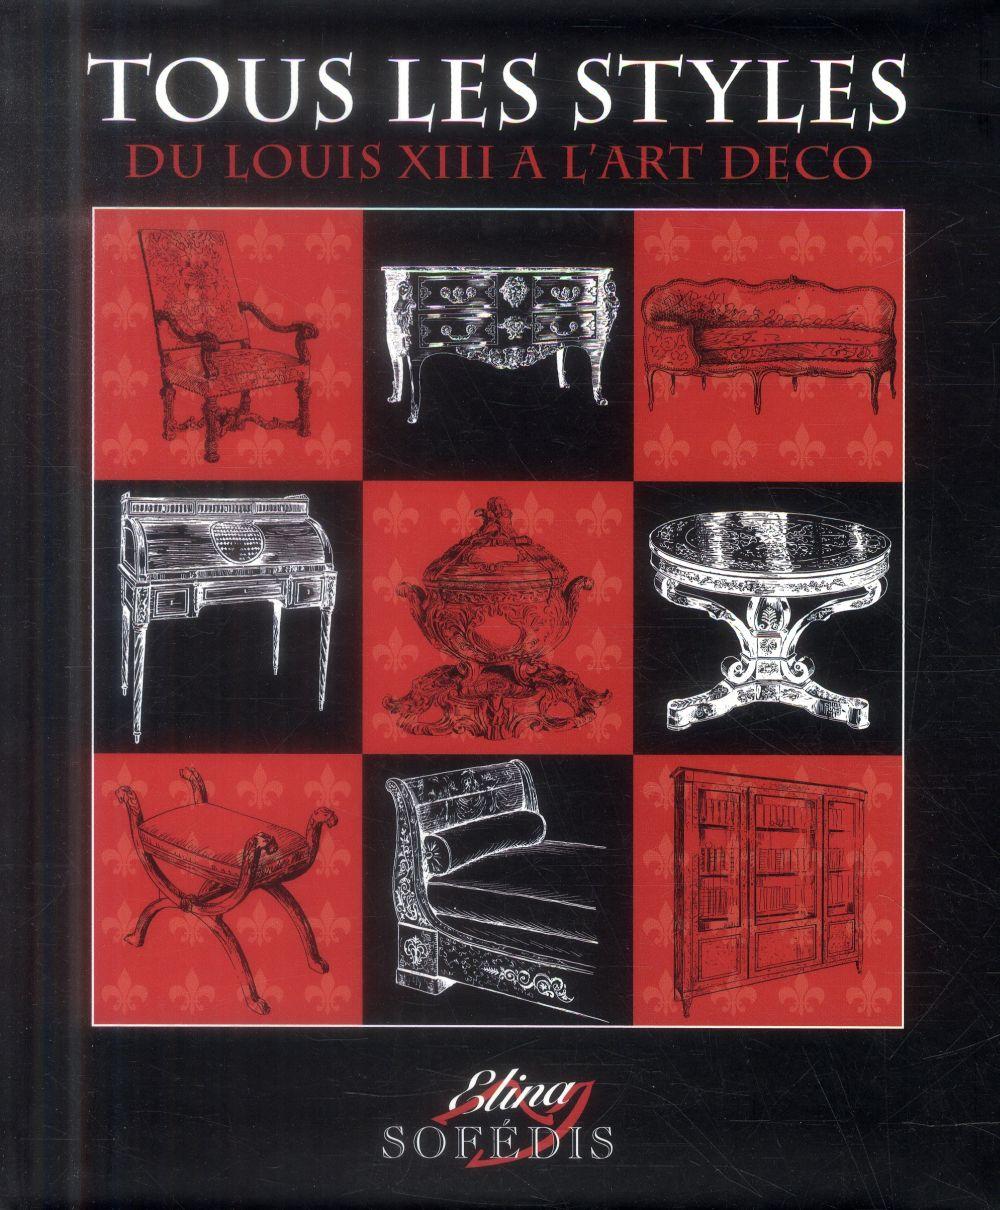 TOUS LES STYLES - NOUVELLE EDITION